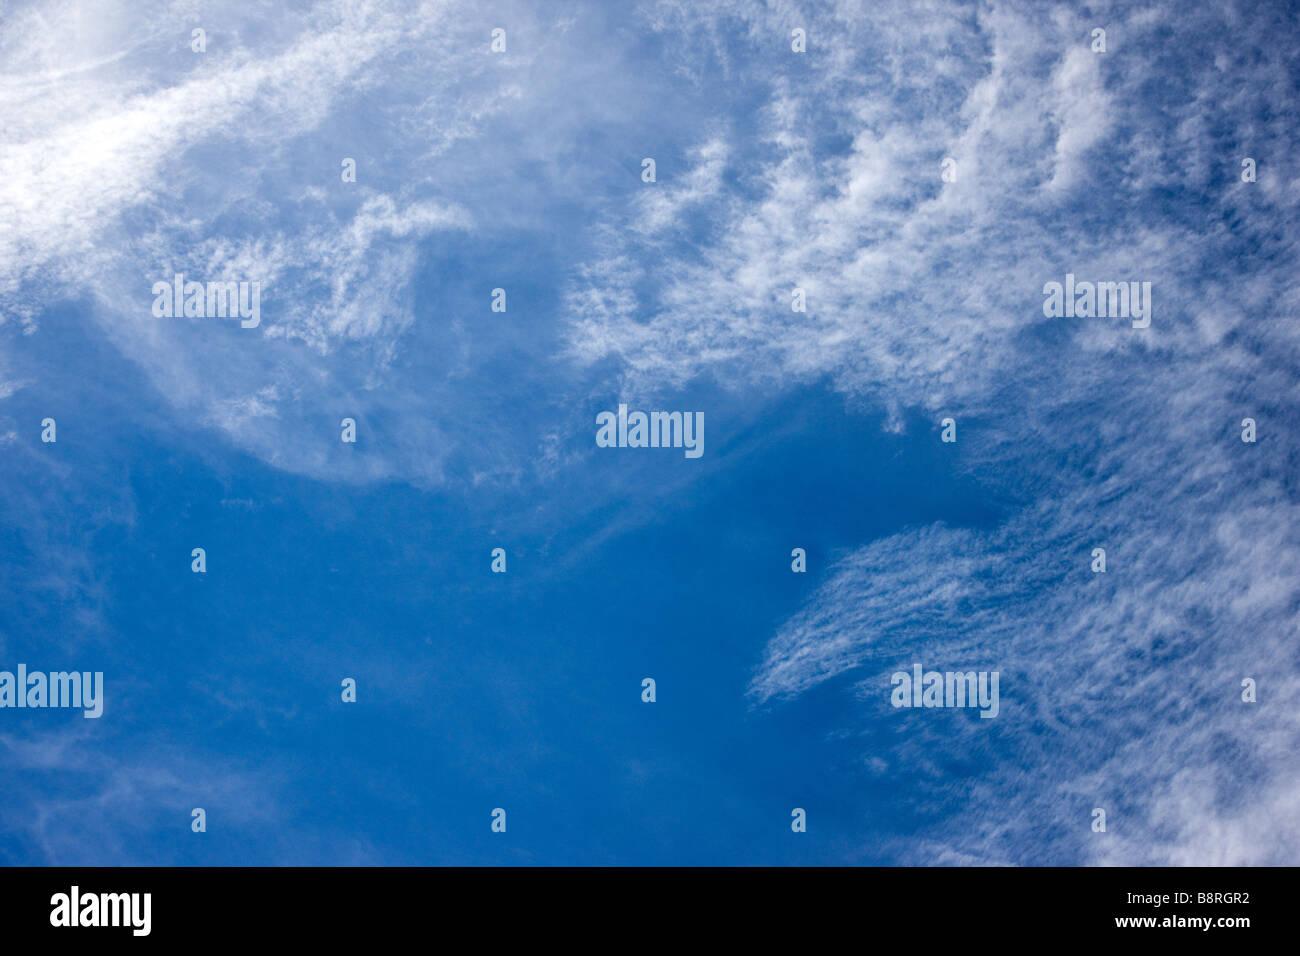 Las formaciones nubosas inusuales en un cielo Colorado de invierno Imagen De Stock